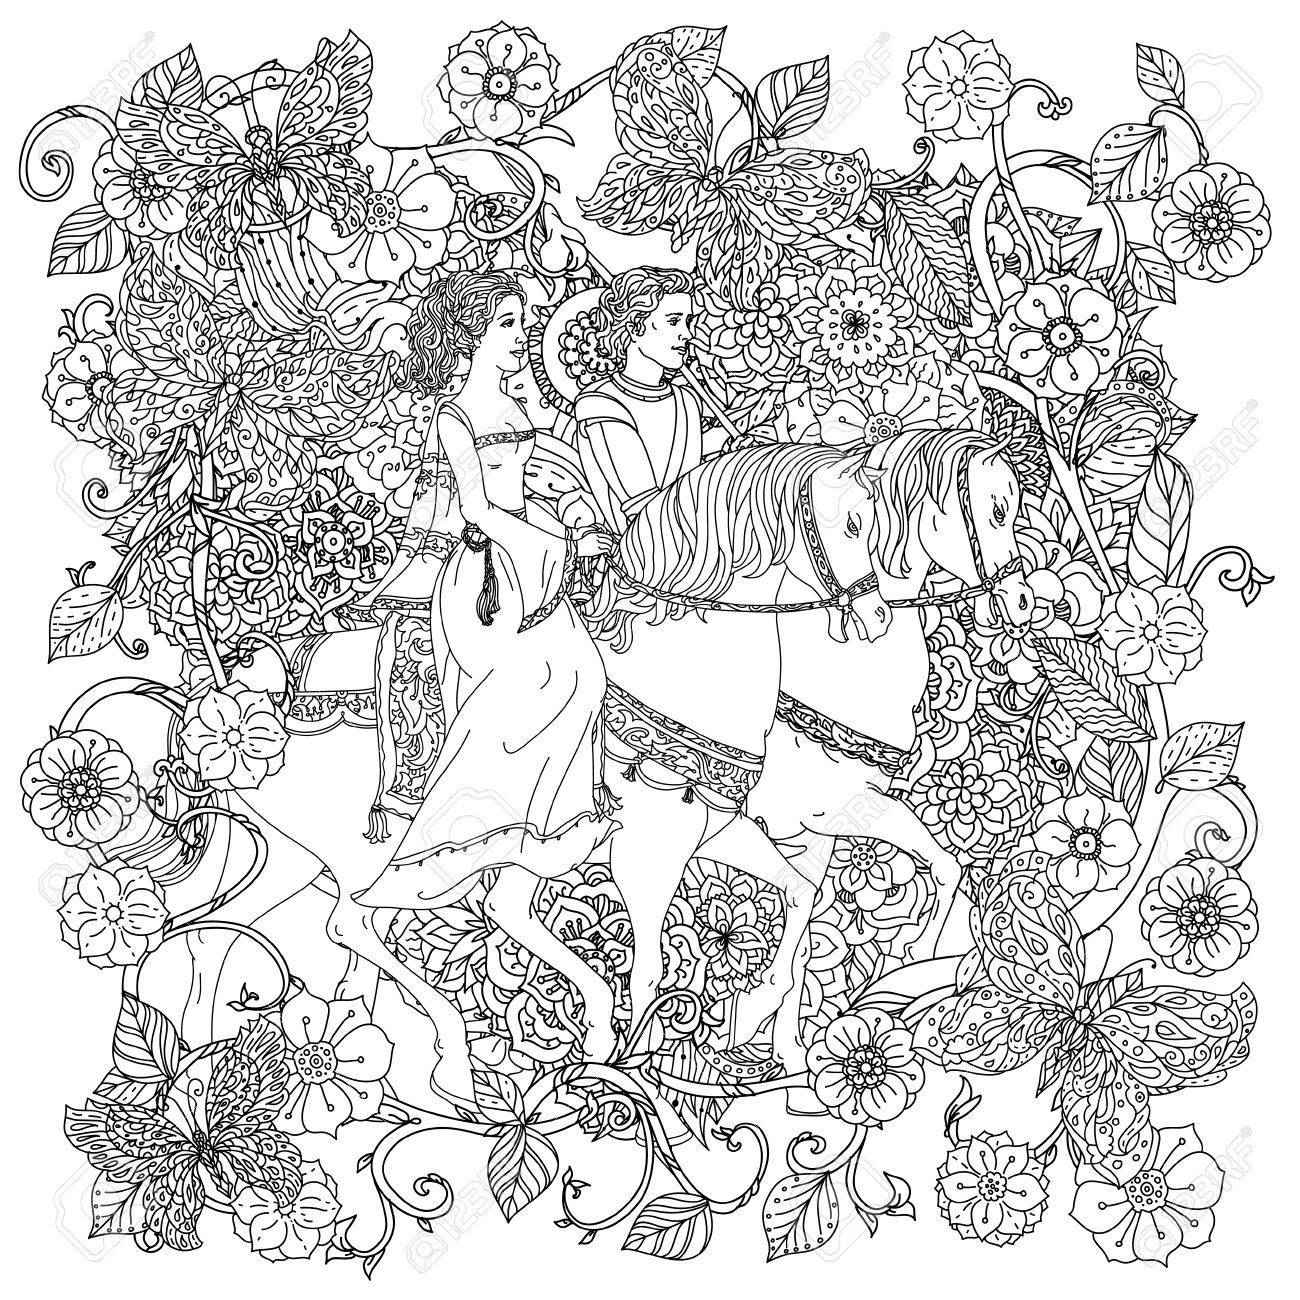 Sin Colorear Príncipe Princesa Y Mariposas Para Colorear De Adultos En El Famoso Estilo Art Terapia Antiestrés Zenart Dibujado A Mano Retro